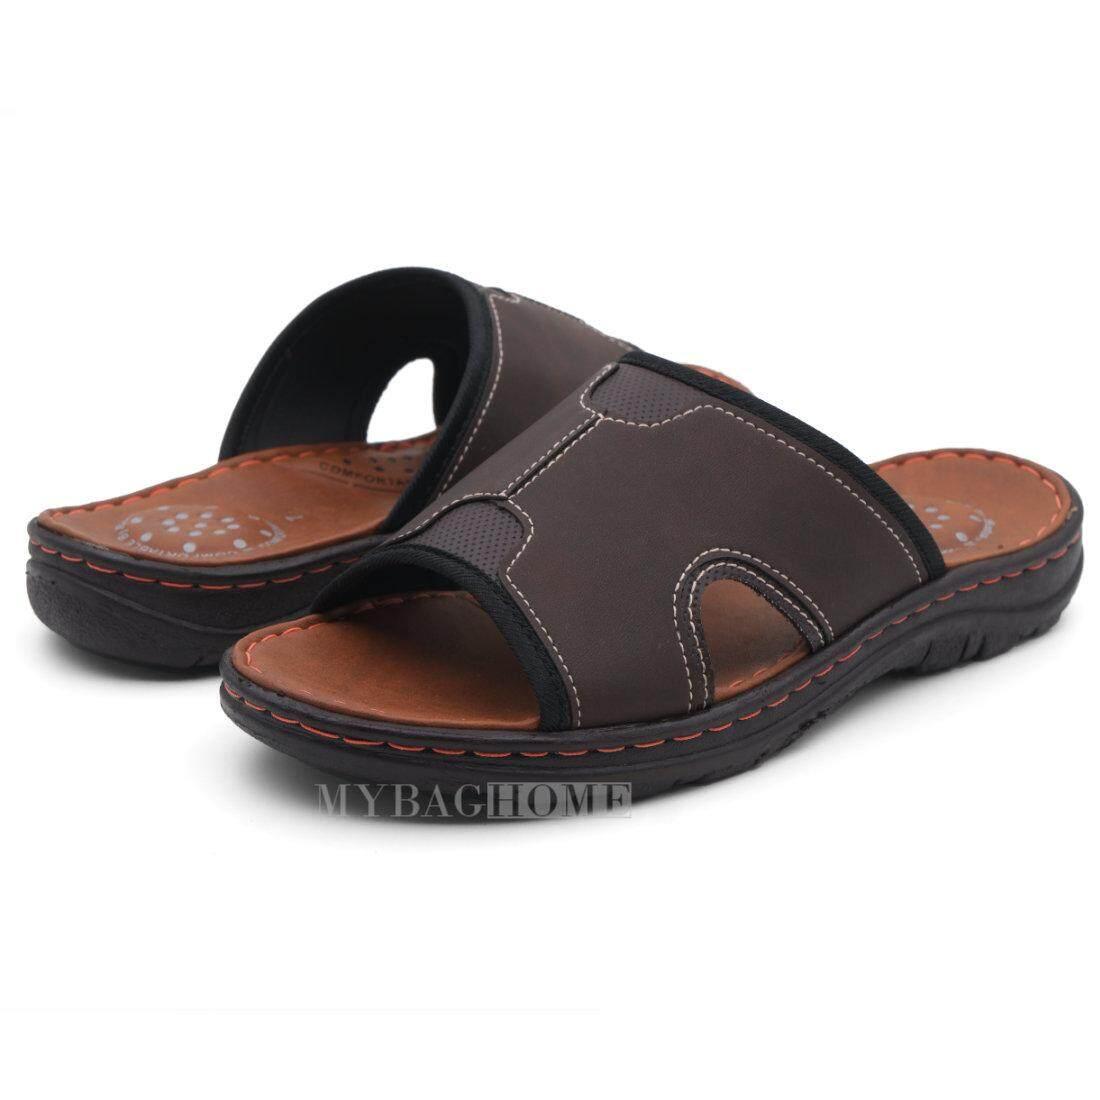 Bata รองเท้าแตะผู้ชายบาจา แบบสวม สีน้ำตาล 8614718